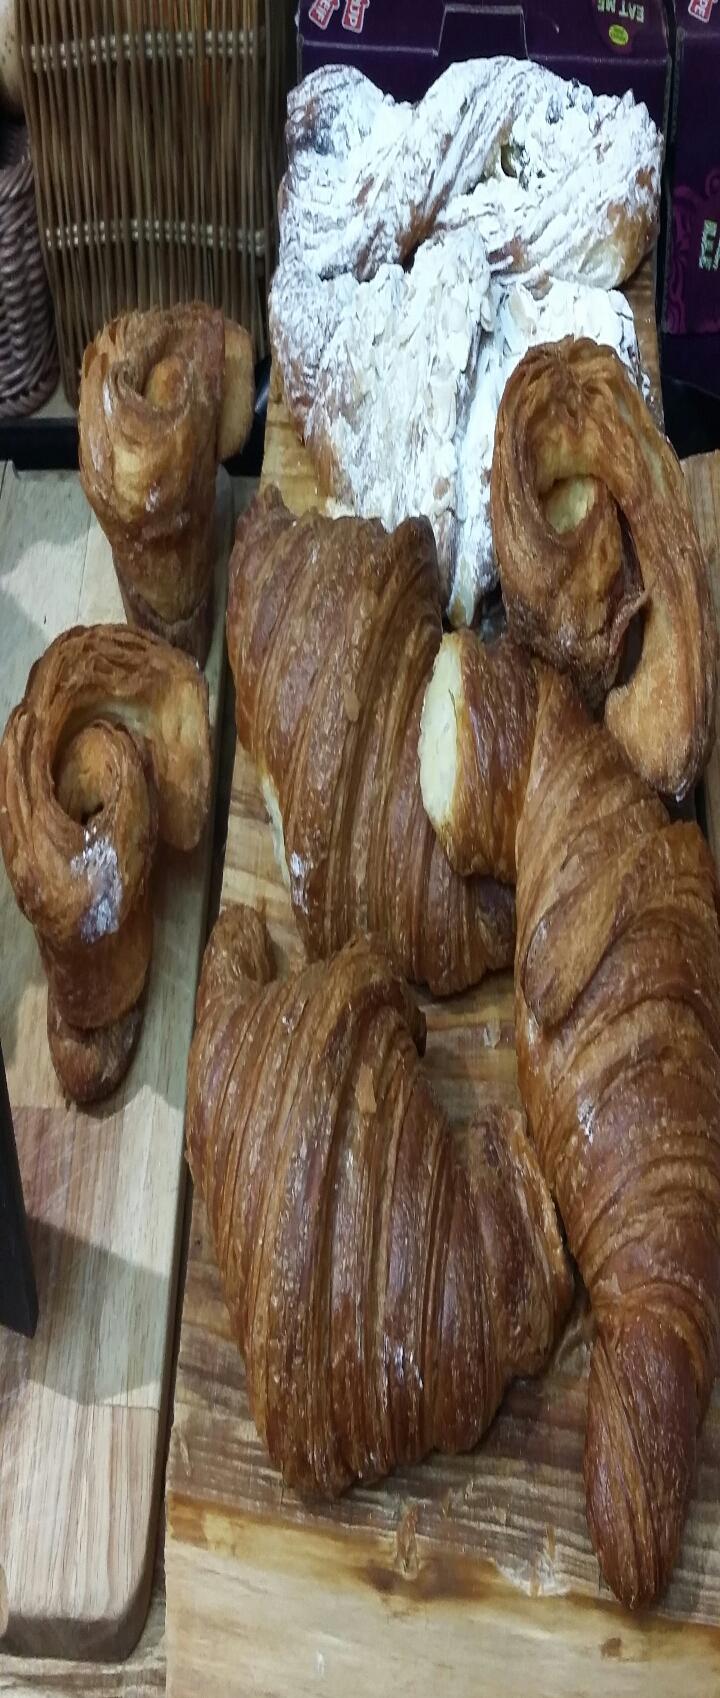 Organic Artisan Pastries